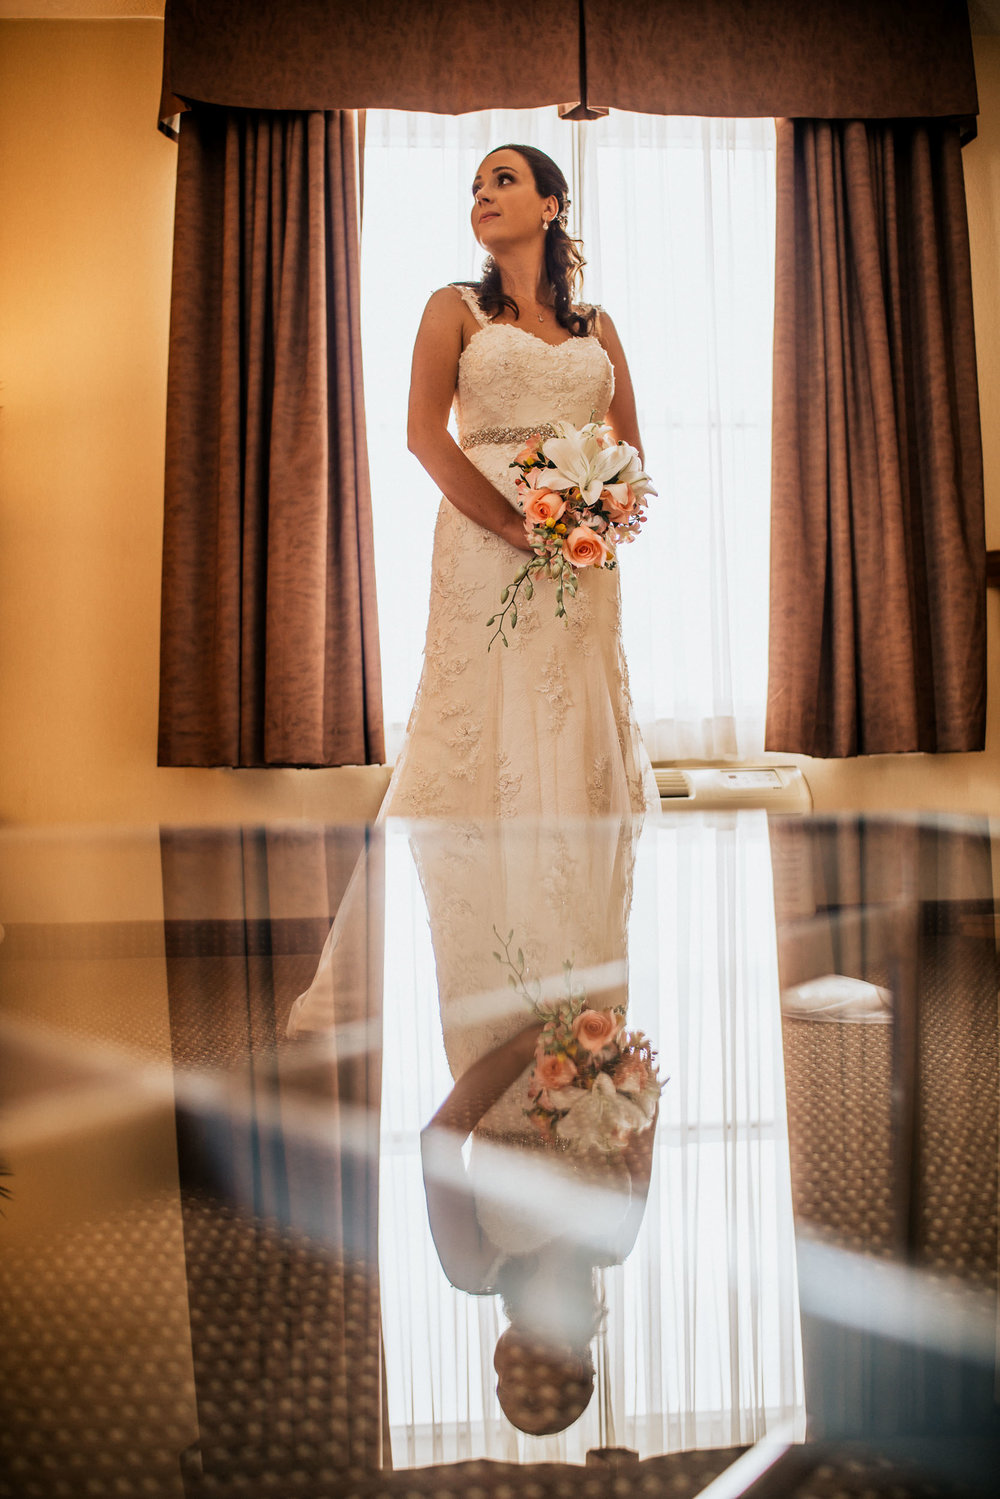 wedding-photography-stratford-davidiam-235.jpg